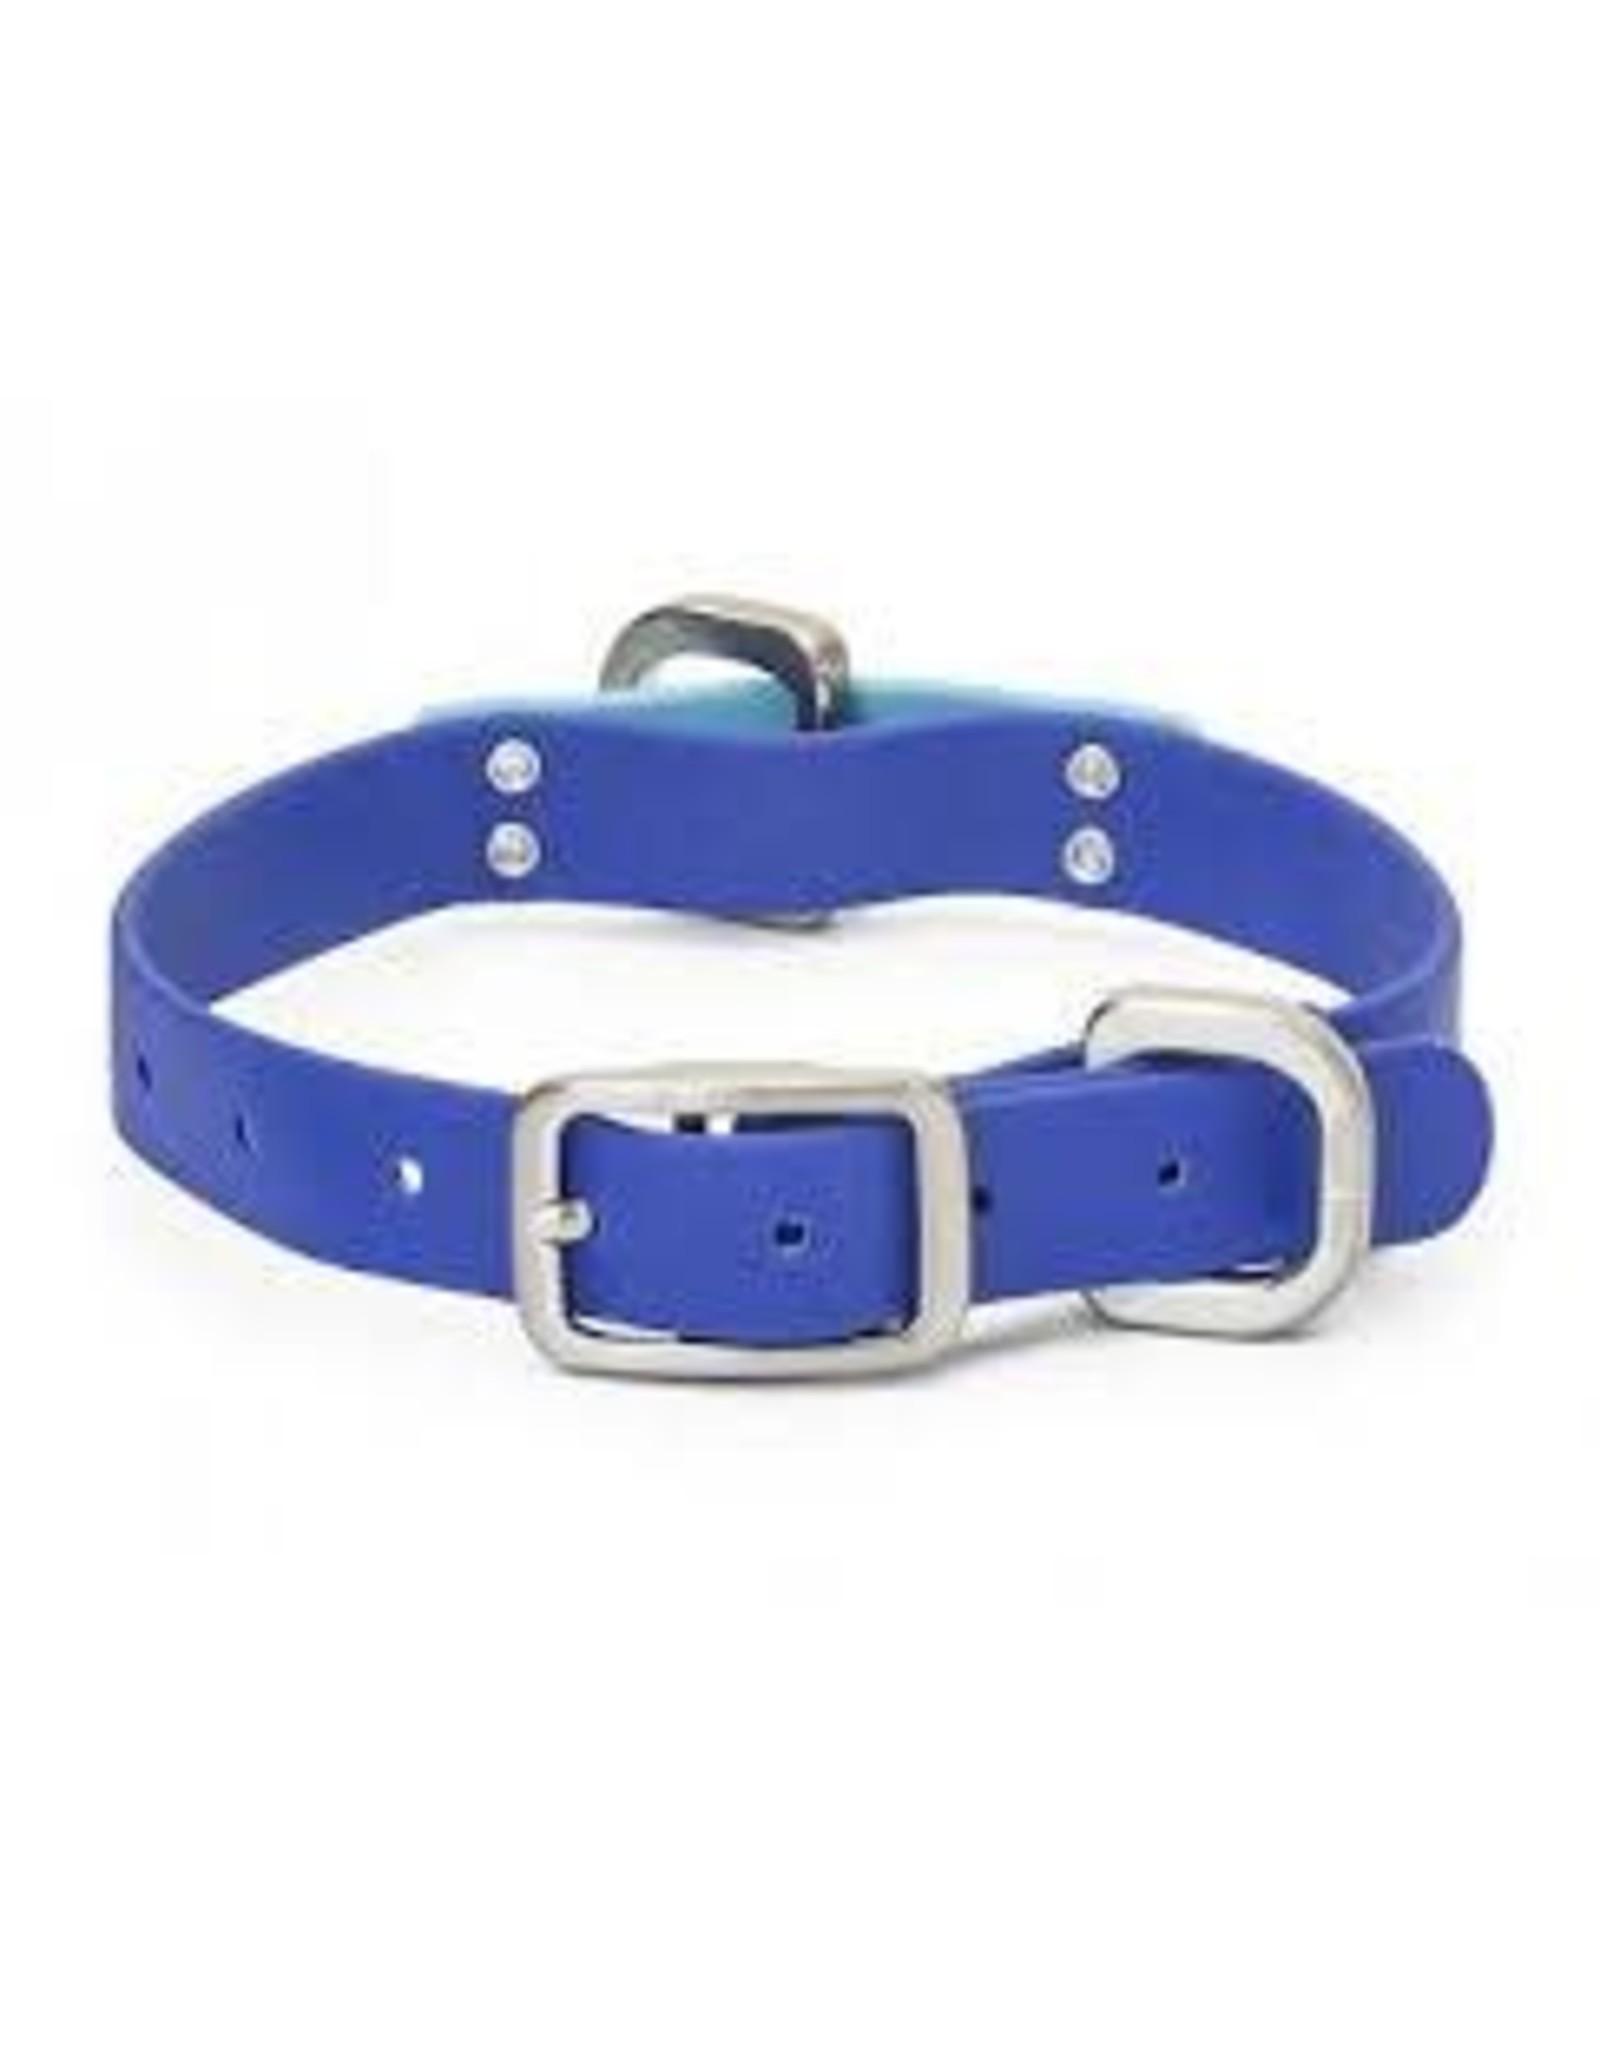 WEST PAW WEST PAW JAUNTS COLLAR XL-BLUE